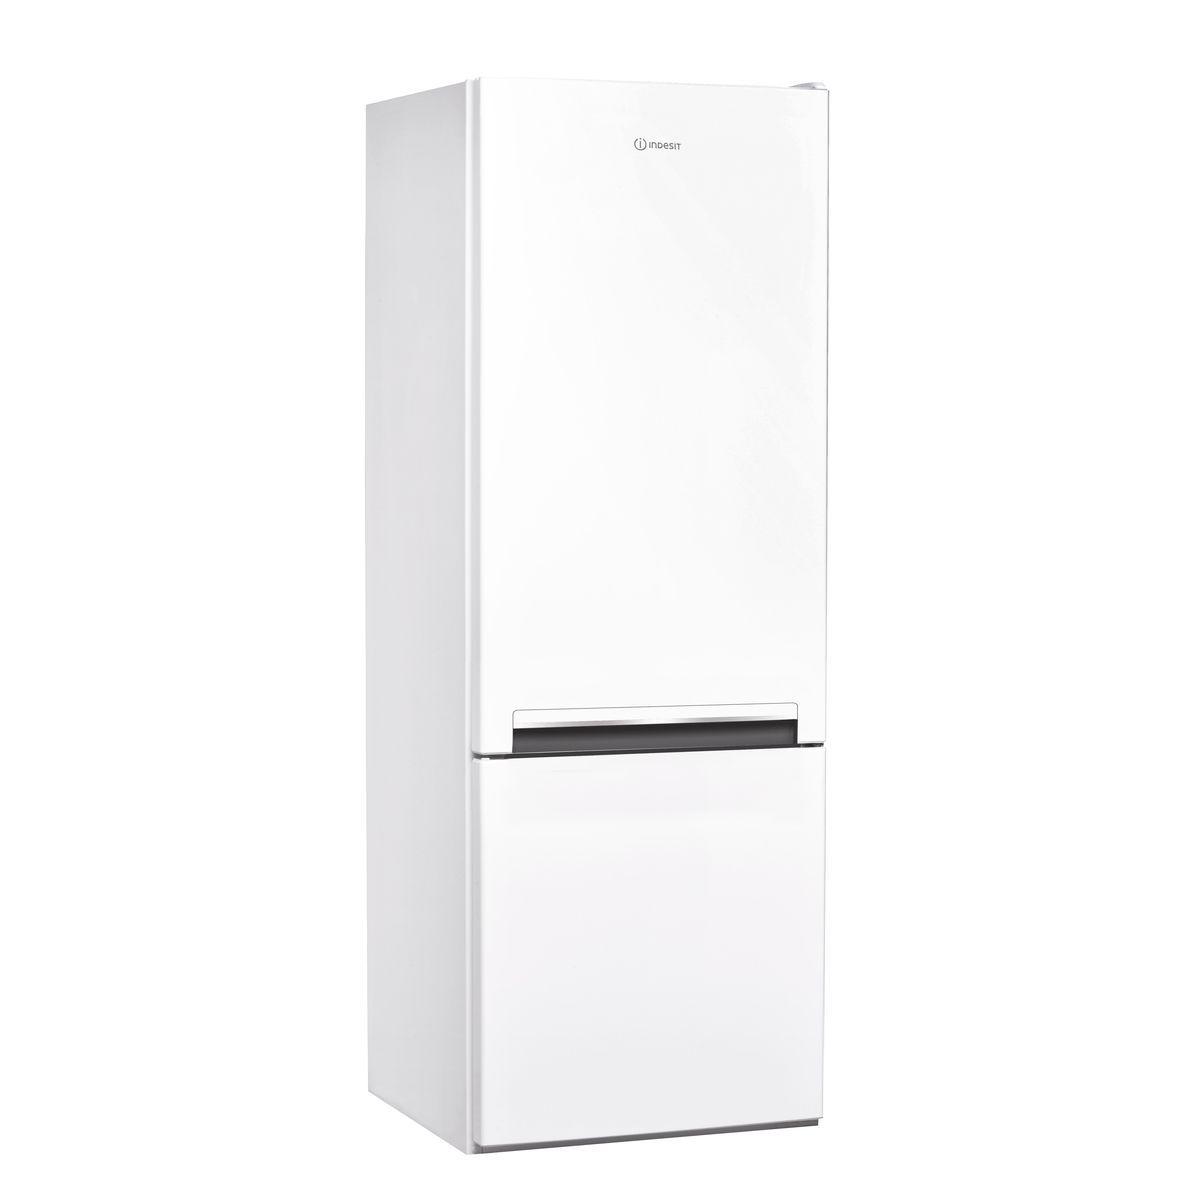 Réfrigérateur combiné LI6S1EW, 272 L, Froid statique